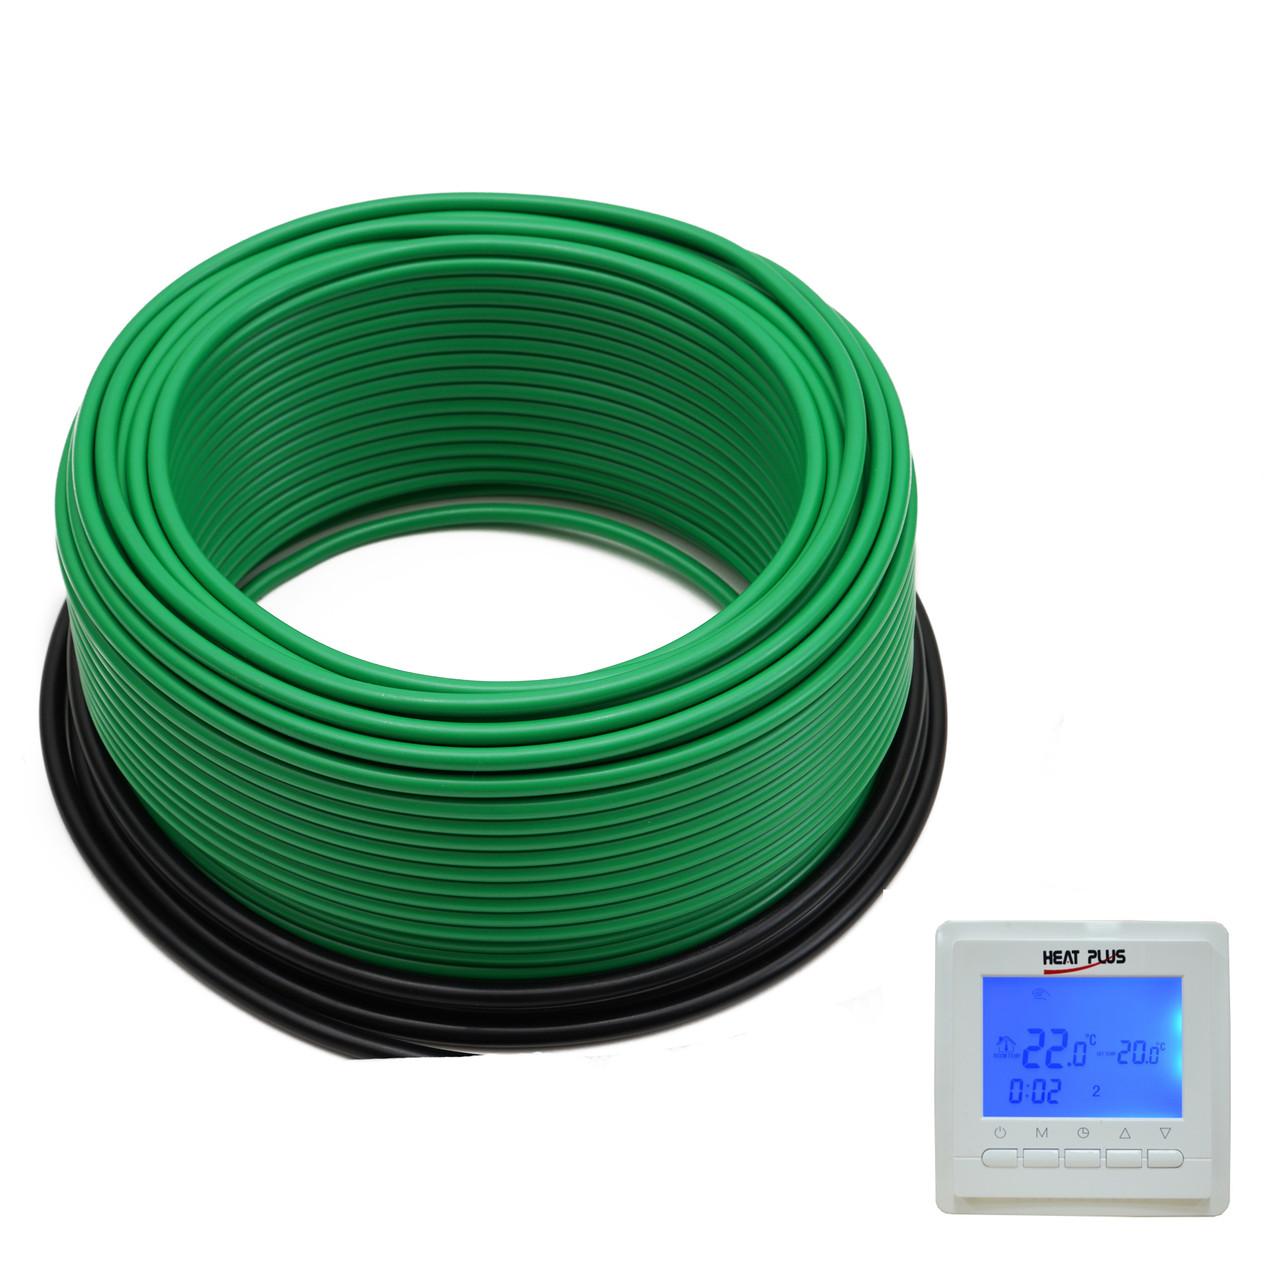 Комплект Нагрівальний кабель ThermoGreen CT20-300W 130м2 + Терморегулятор BHT-306